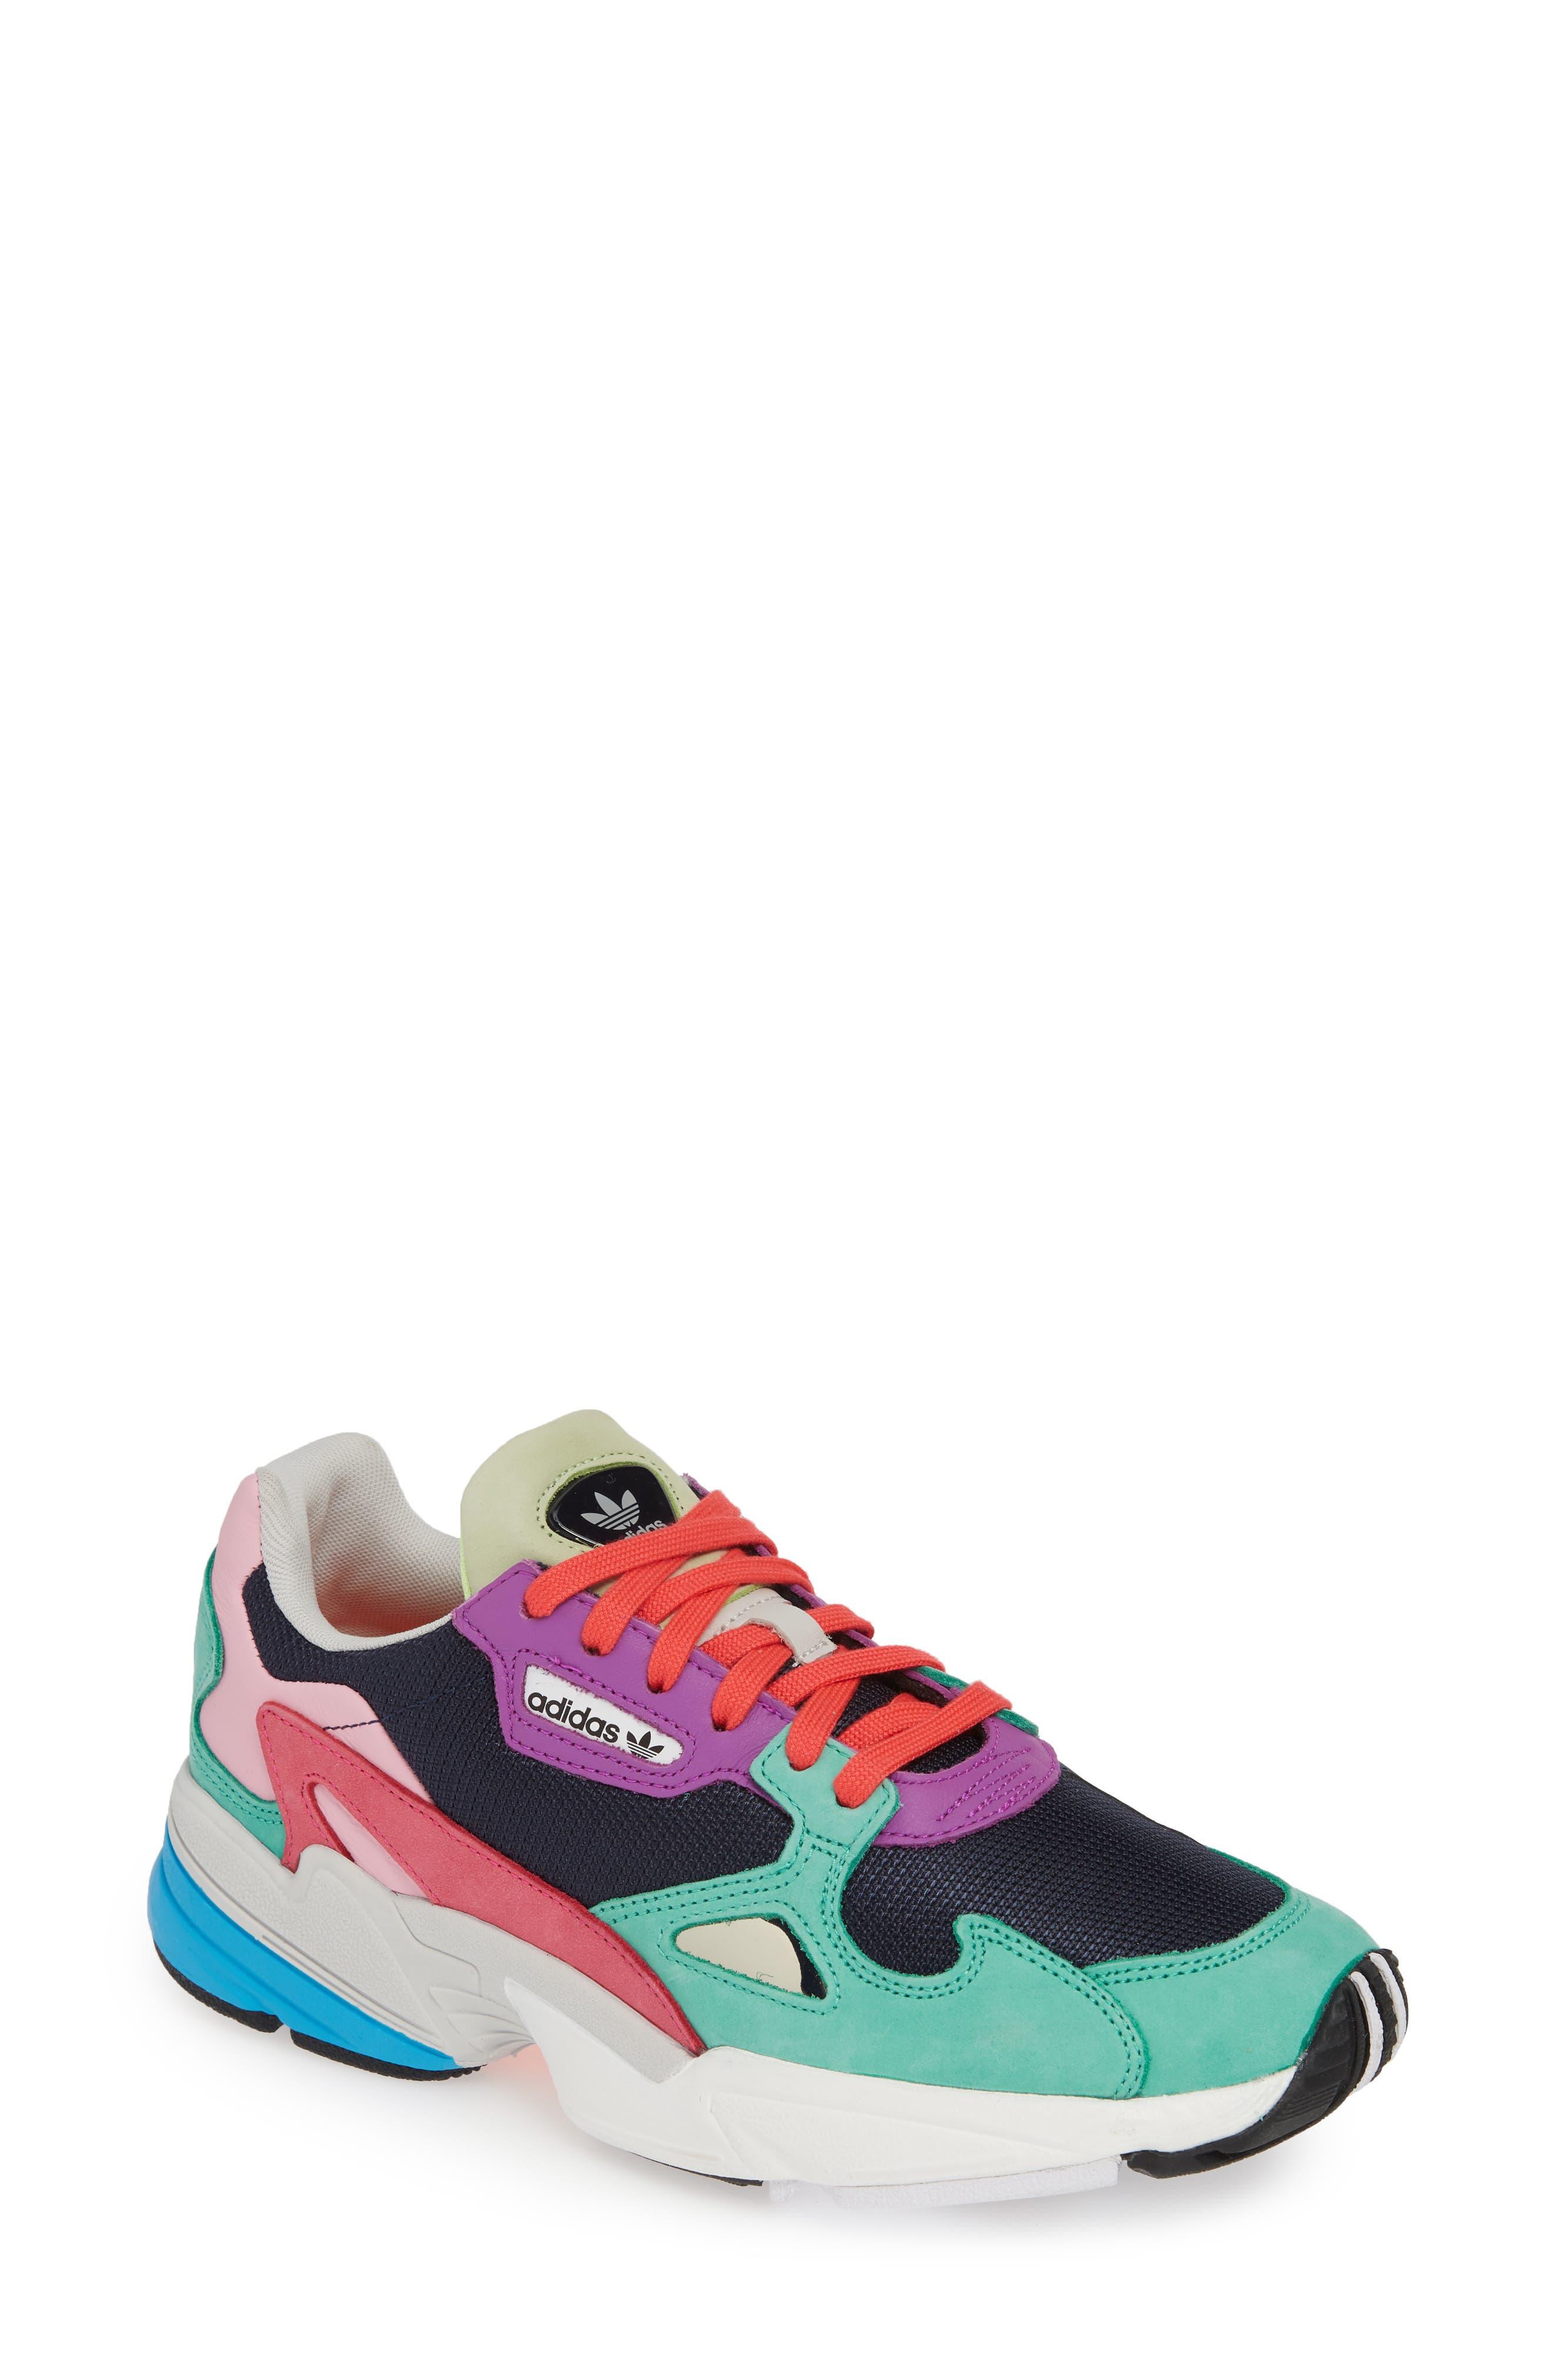 Adidas Falcon Sneaker, Green